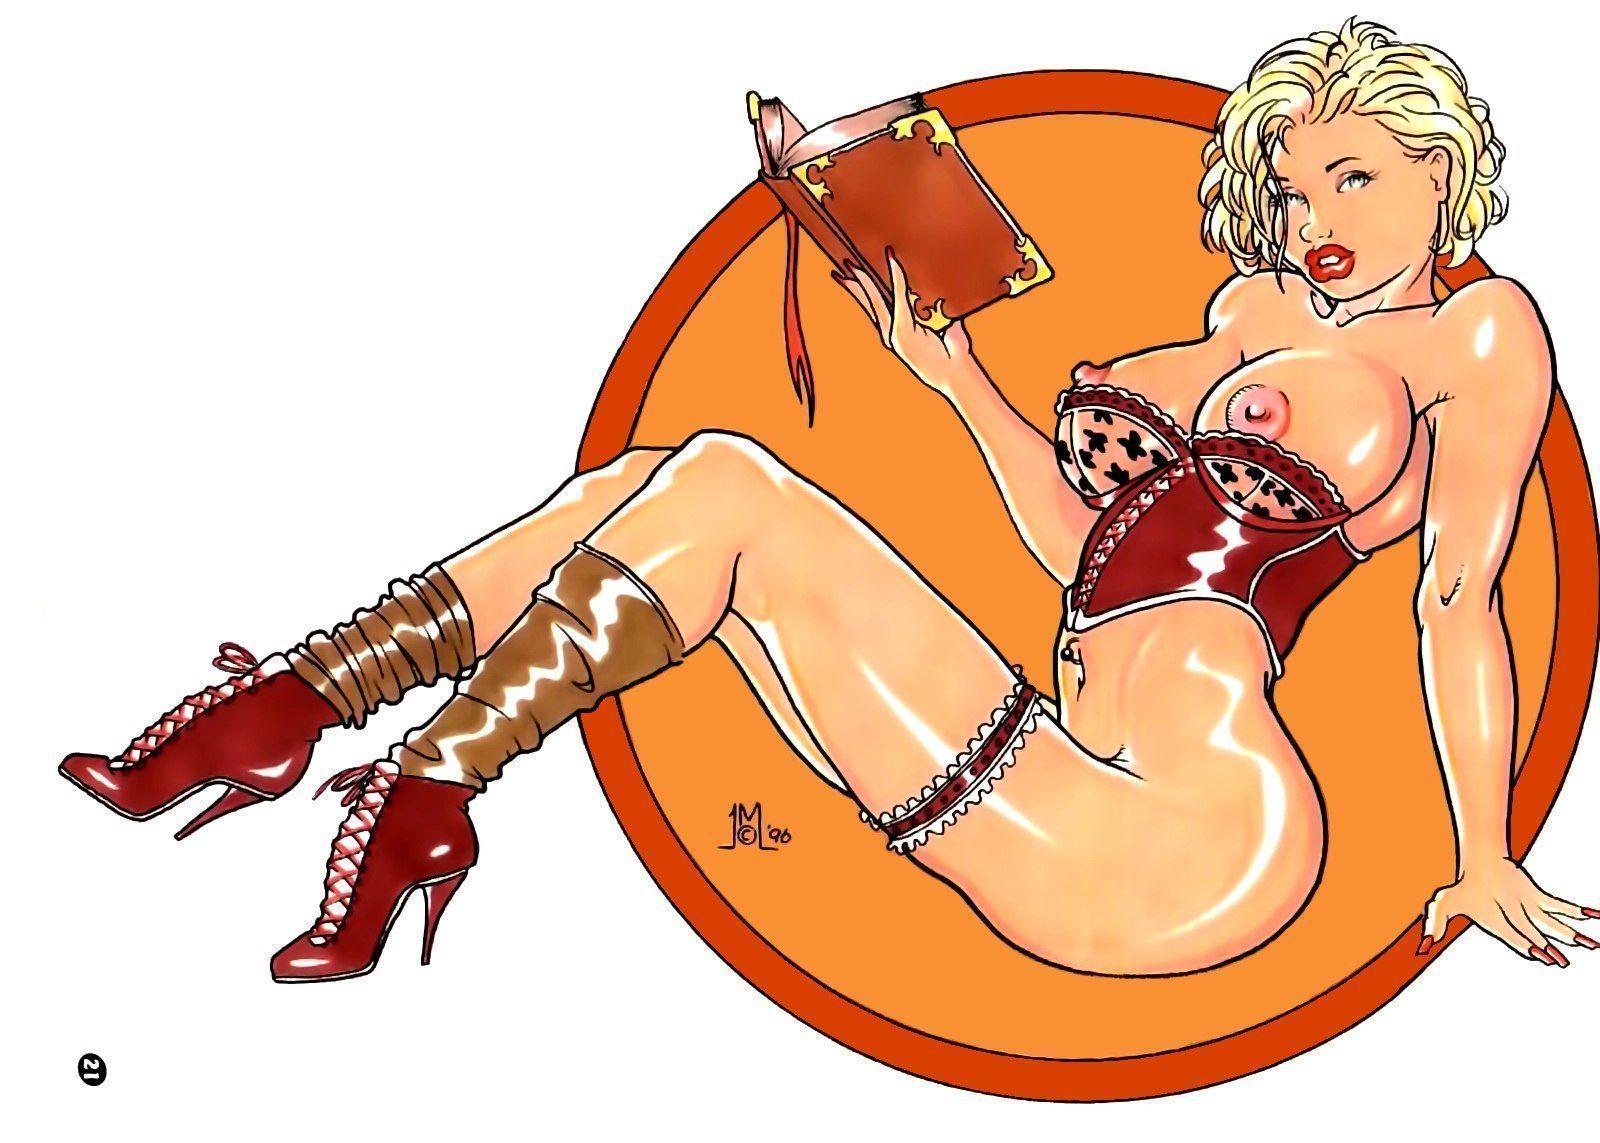 quadrinho-erotico-brigitte-quickies-20